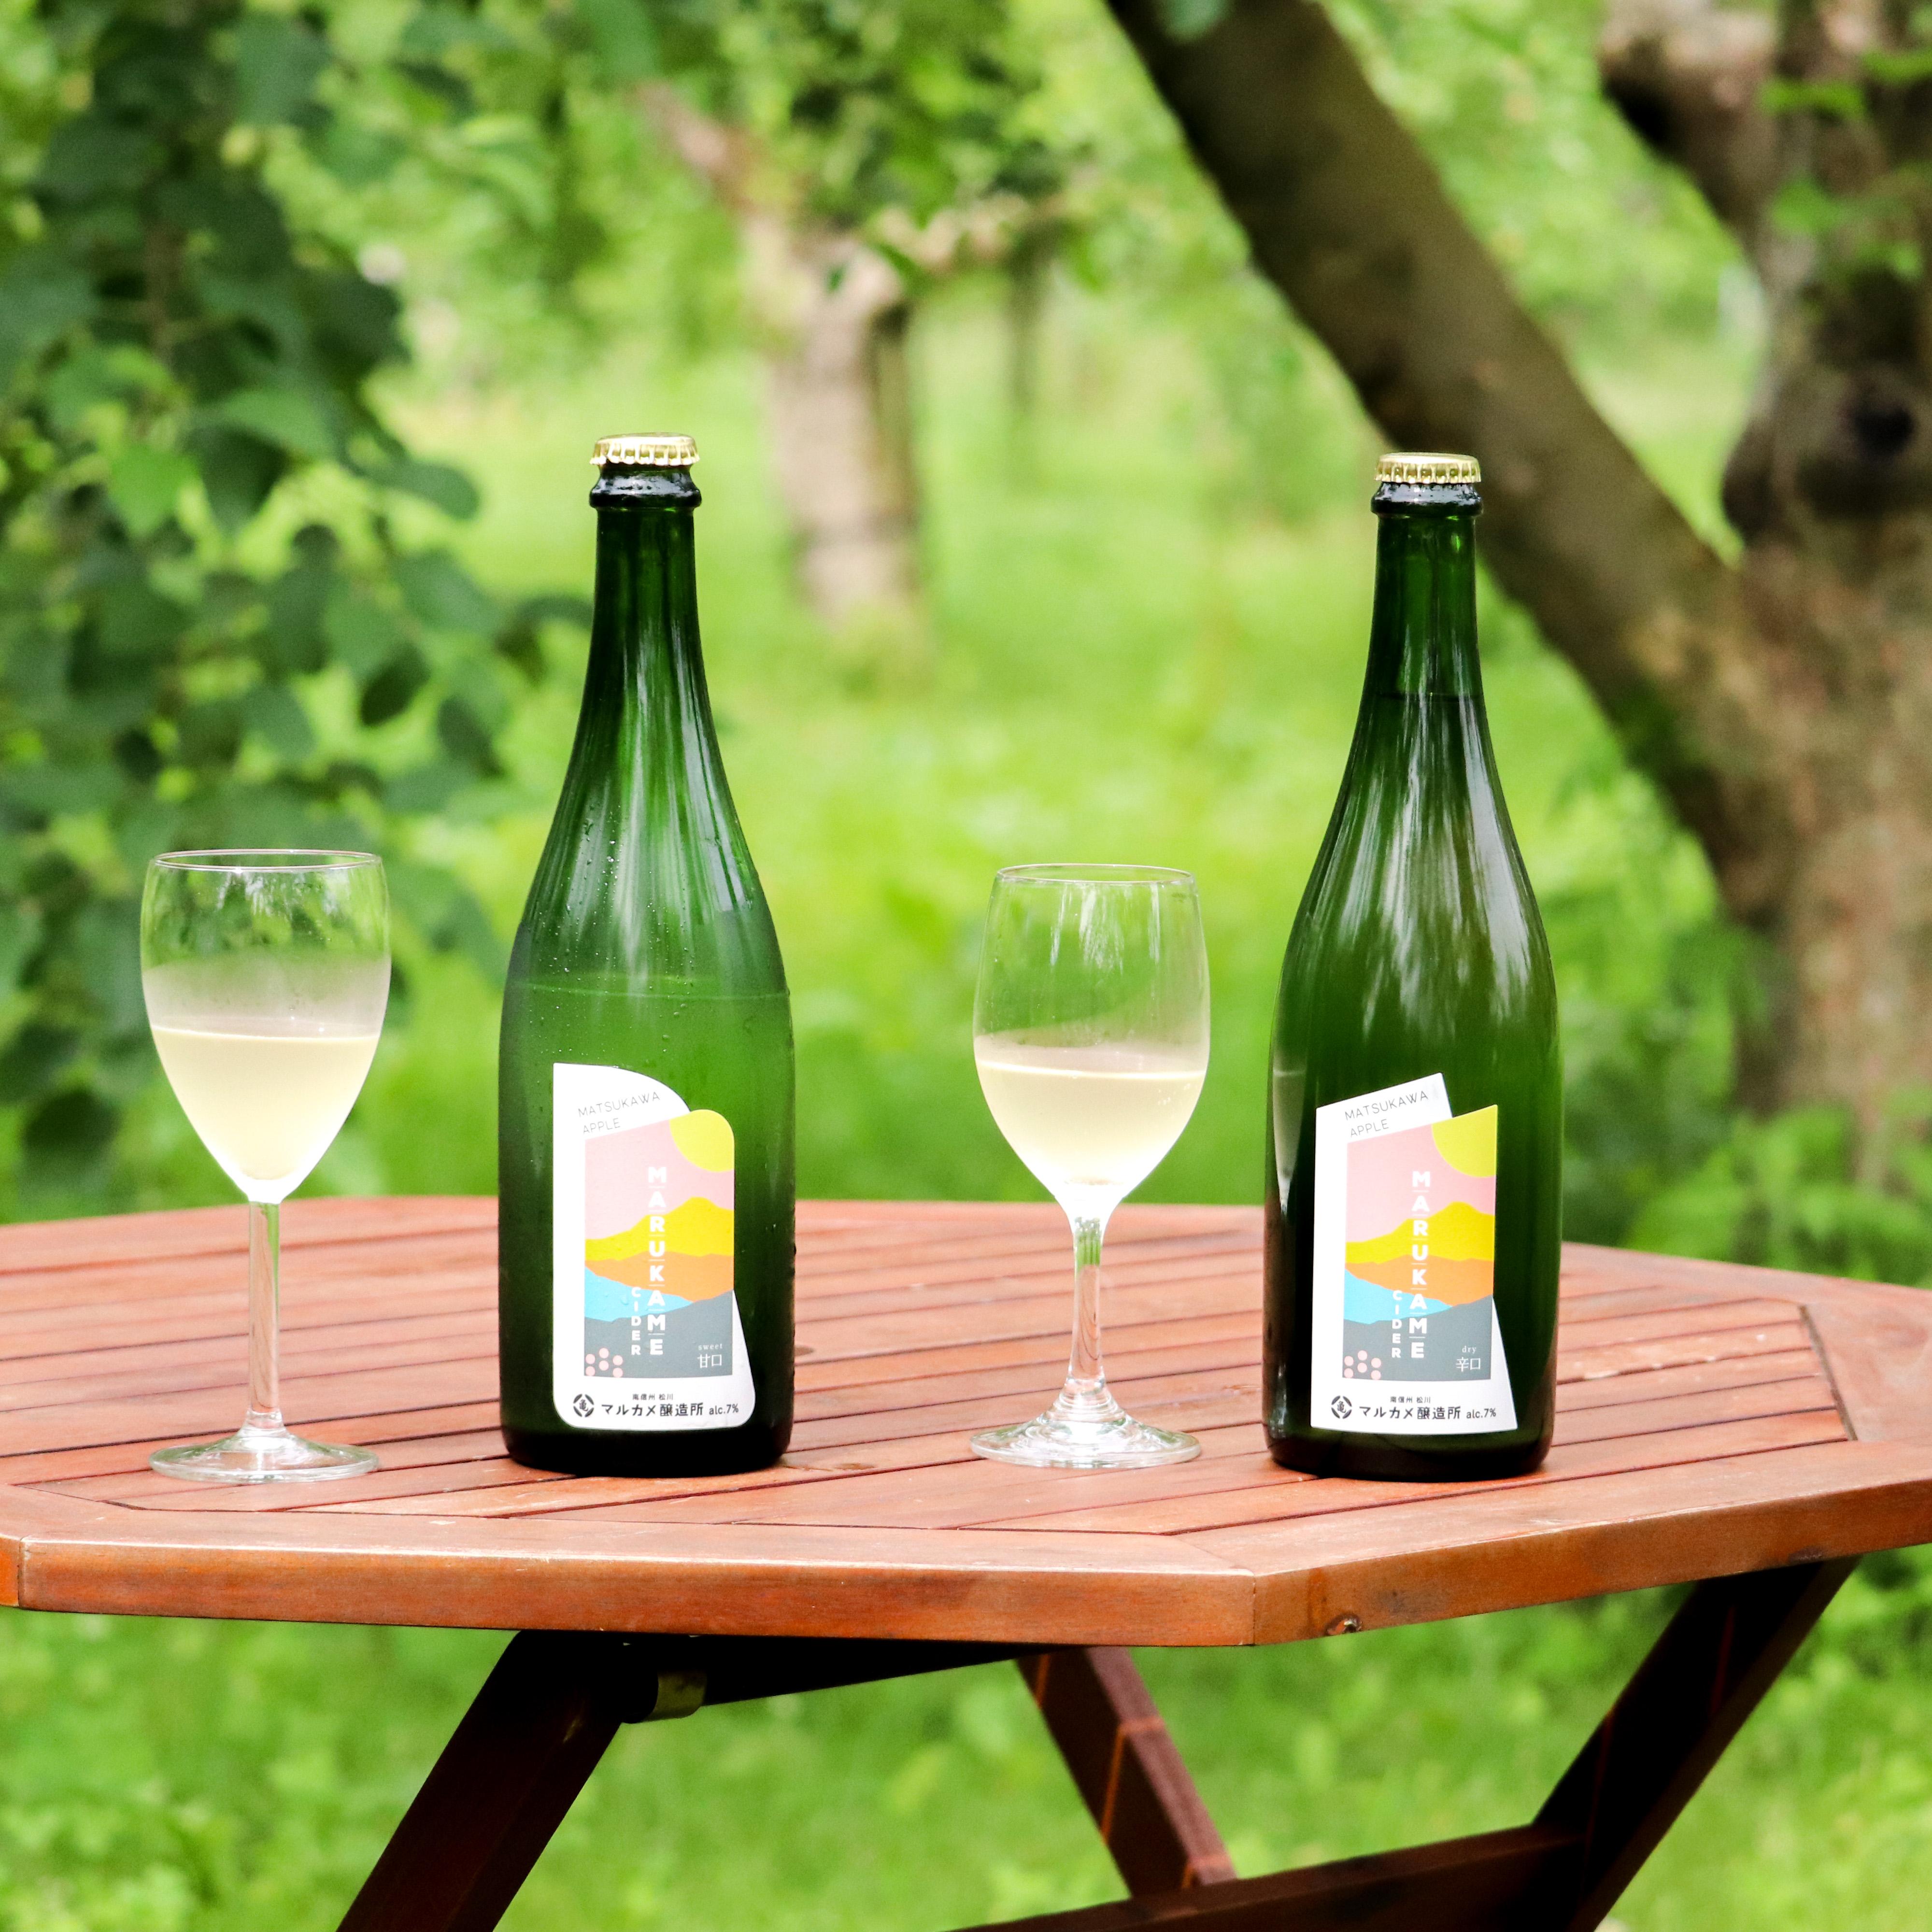 夏にぴったりなりんごのお酒、長野県産シードルをお中元に。